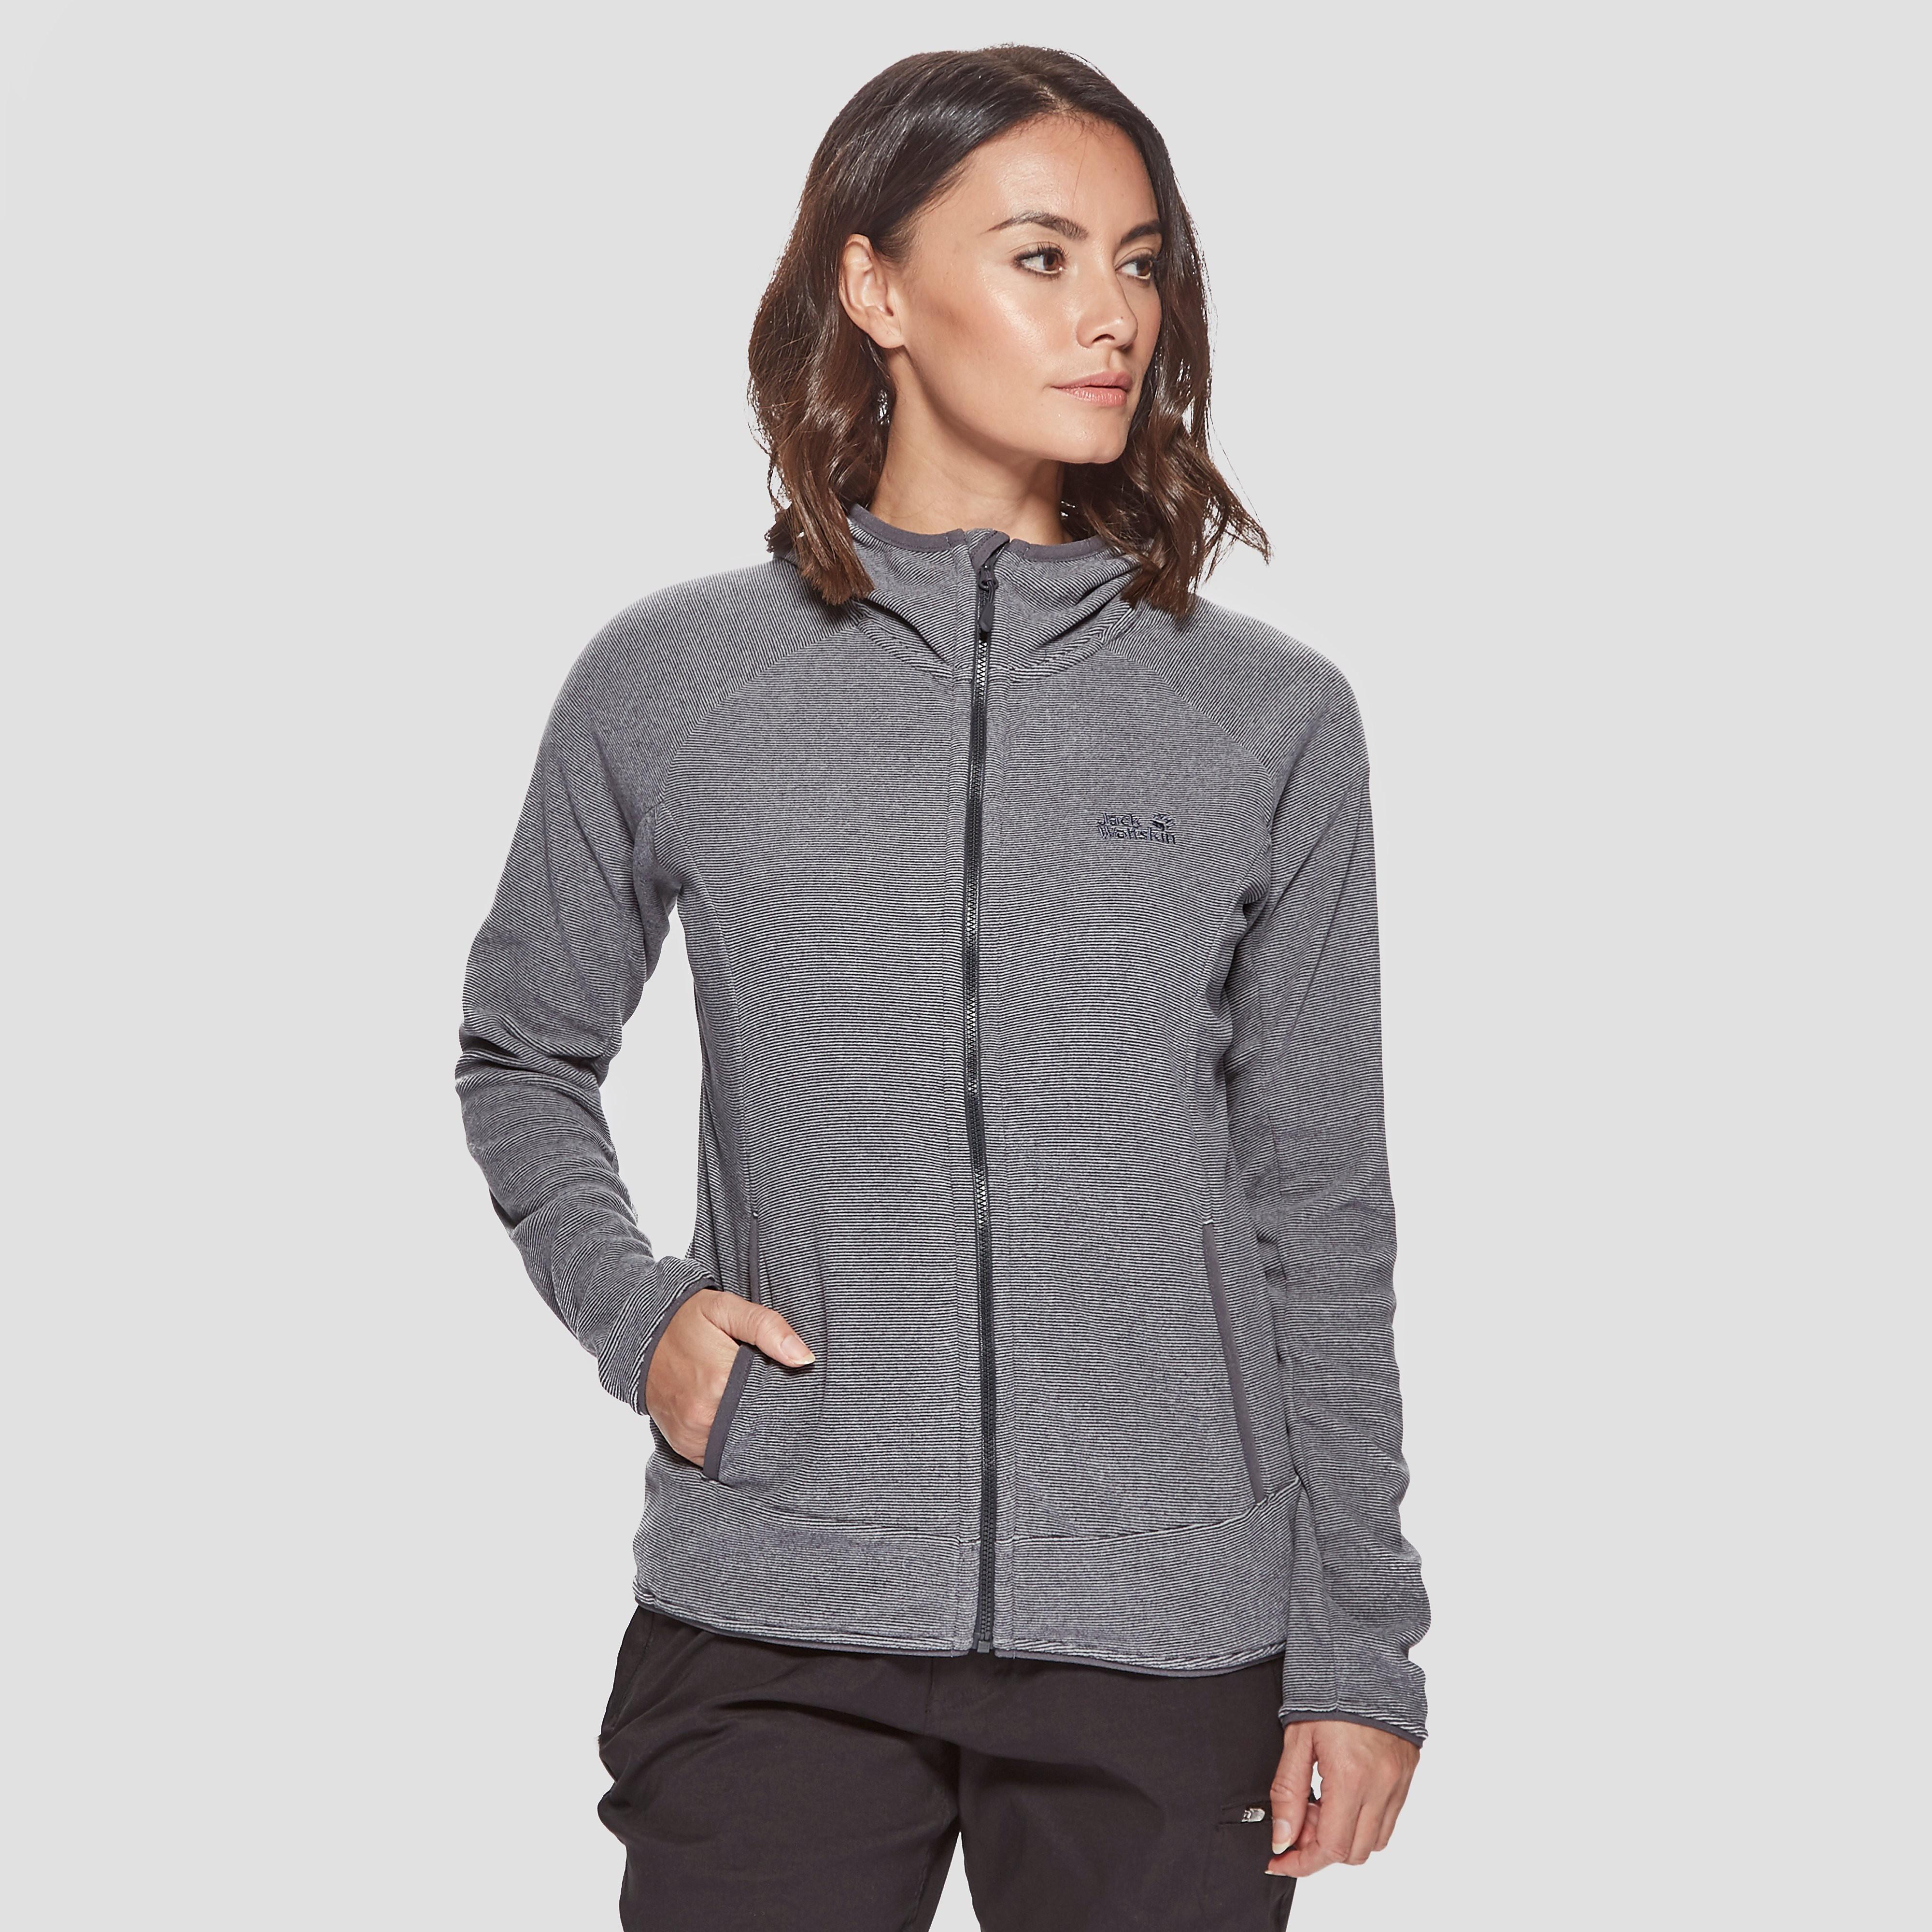 Jack Wolfskin Women's Arco Fleece Jacket